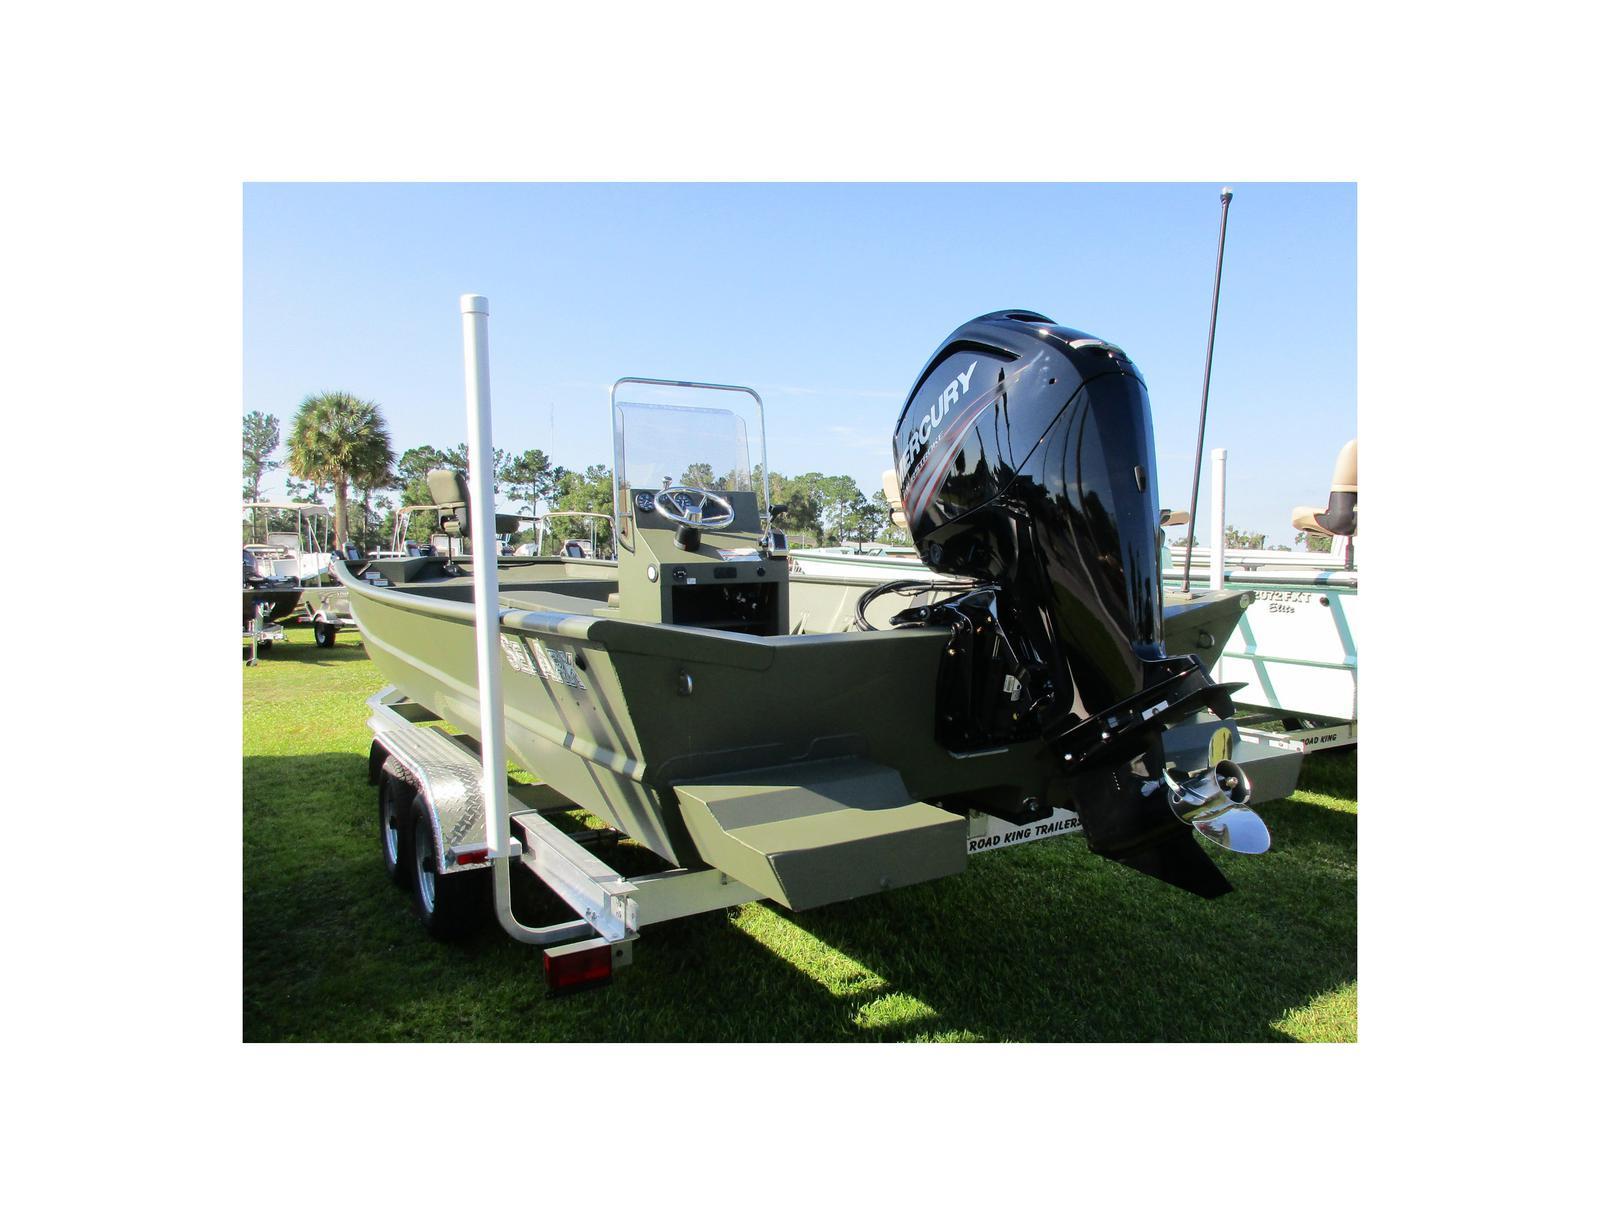 2018 SeaArk 2472 MVT for sale in Ocala, FL | Millers Boating Center (877)  898-1474